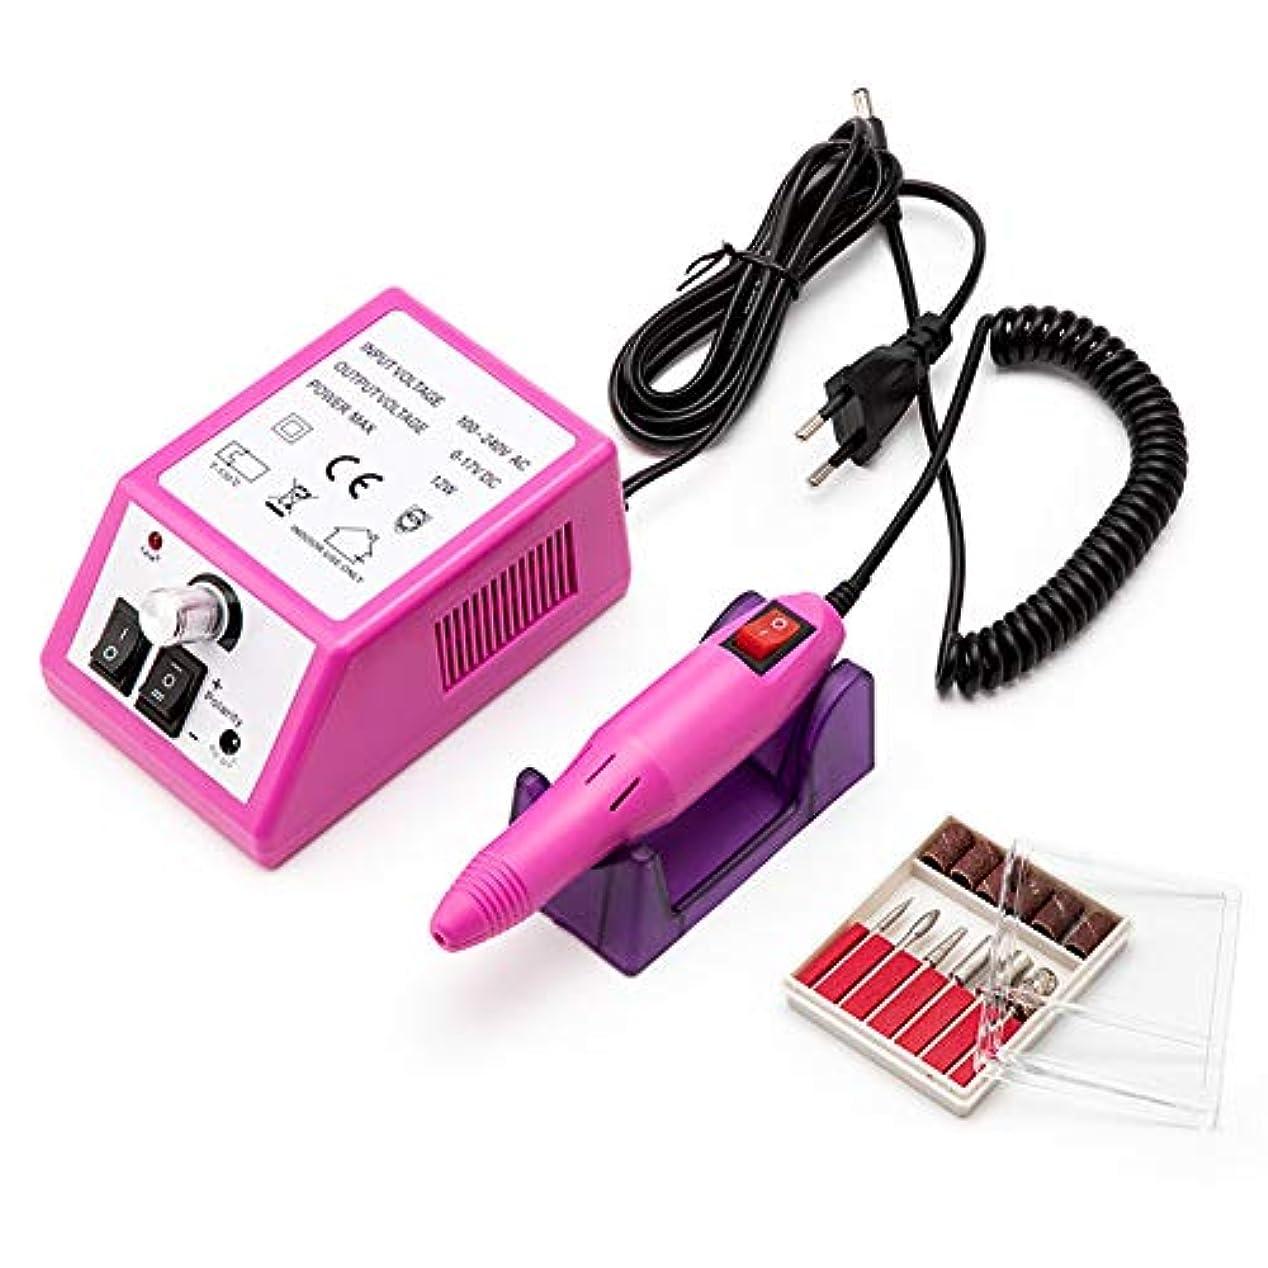 バック悪行鍔電動ネイルドリル35000 RPMマニキュアセットファイルグレーネイルペンマシンセットダイヤモンドペディキュアネイルファイルドリル100-240Vマニキュア用器具器具,ピンク